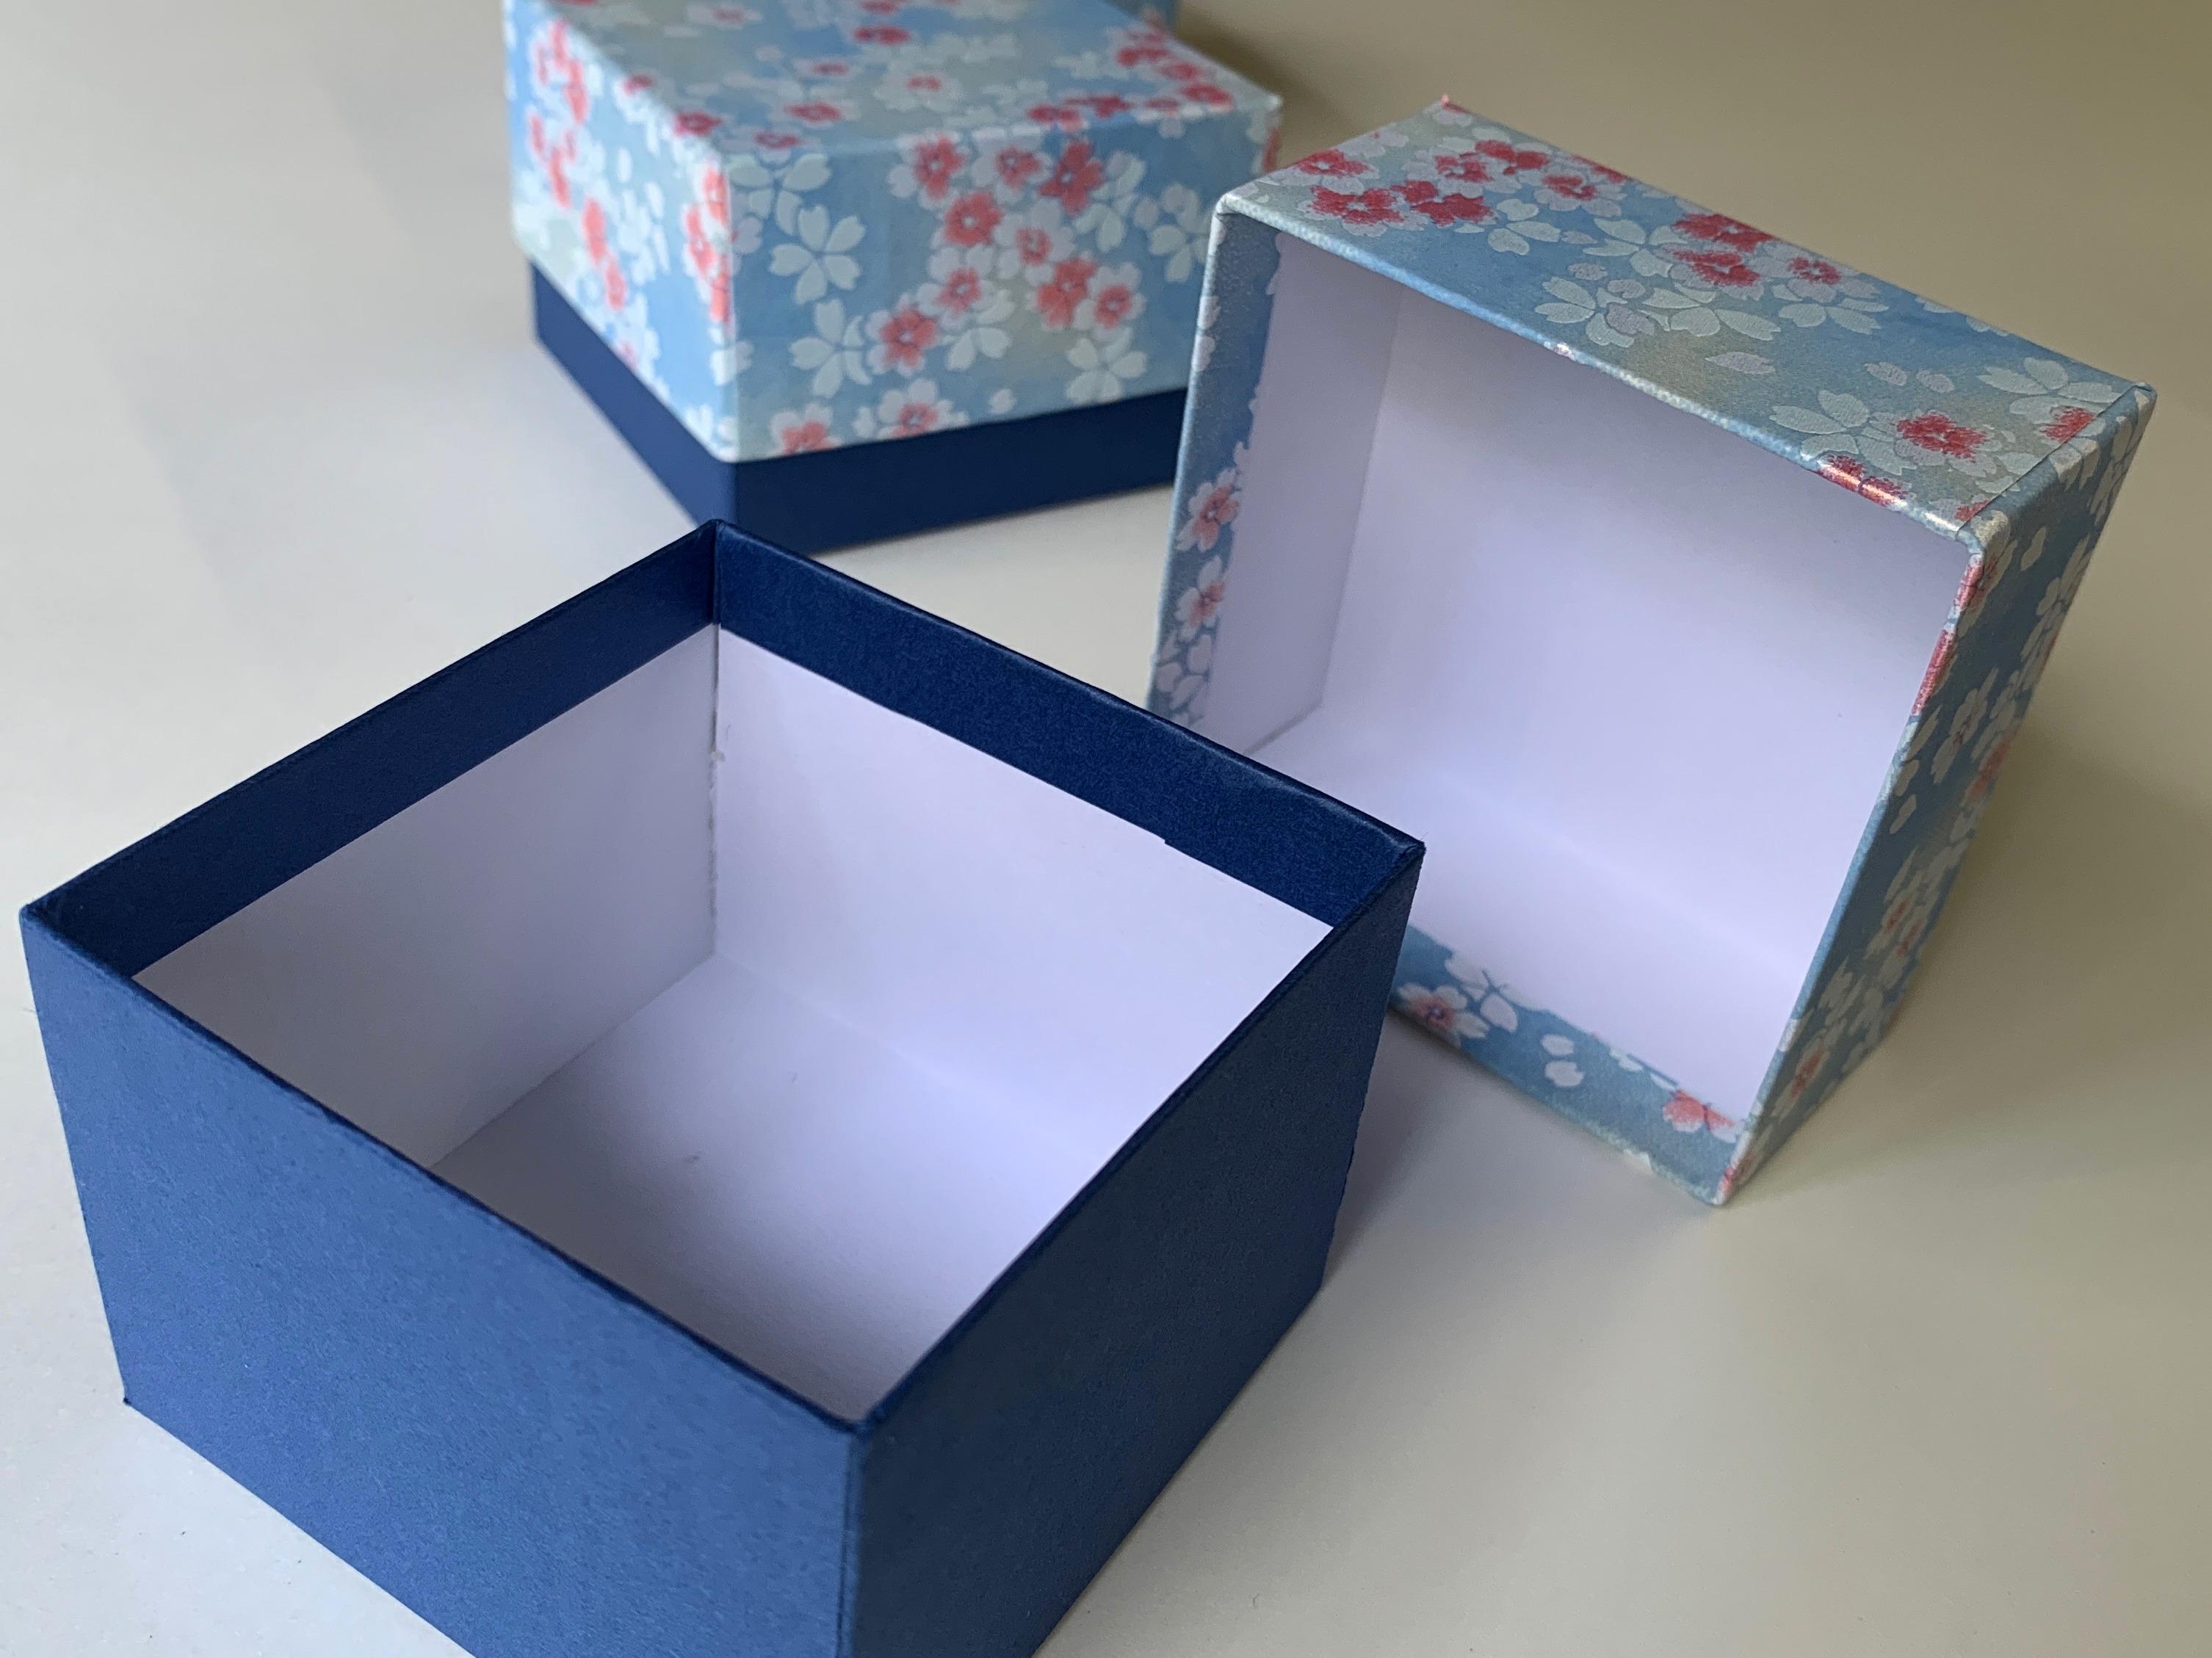 令和最初に別注で作製した貼箱は結婚式の引き出物を収納する千代紙の小箱